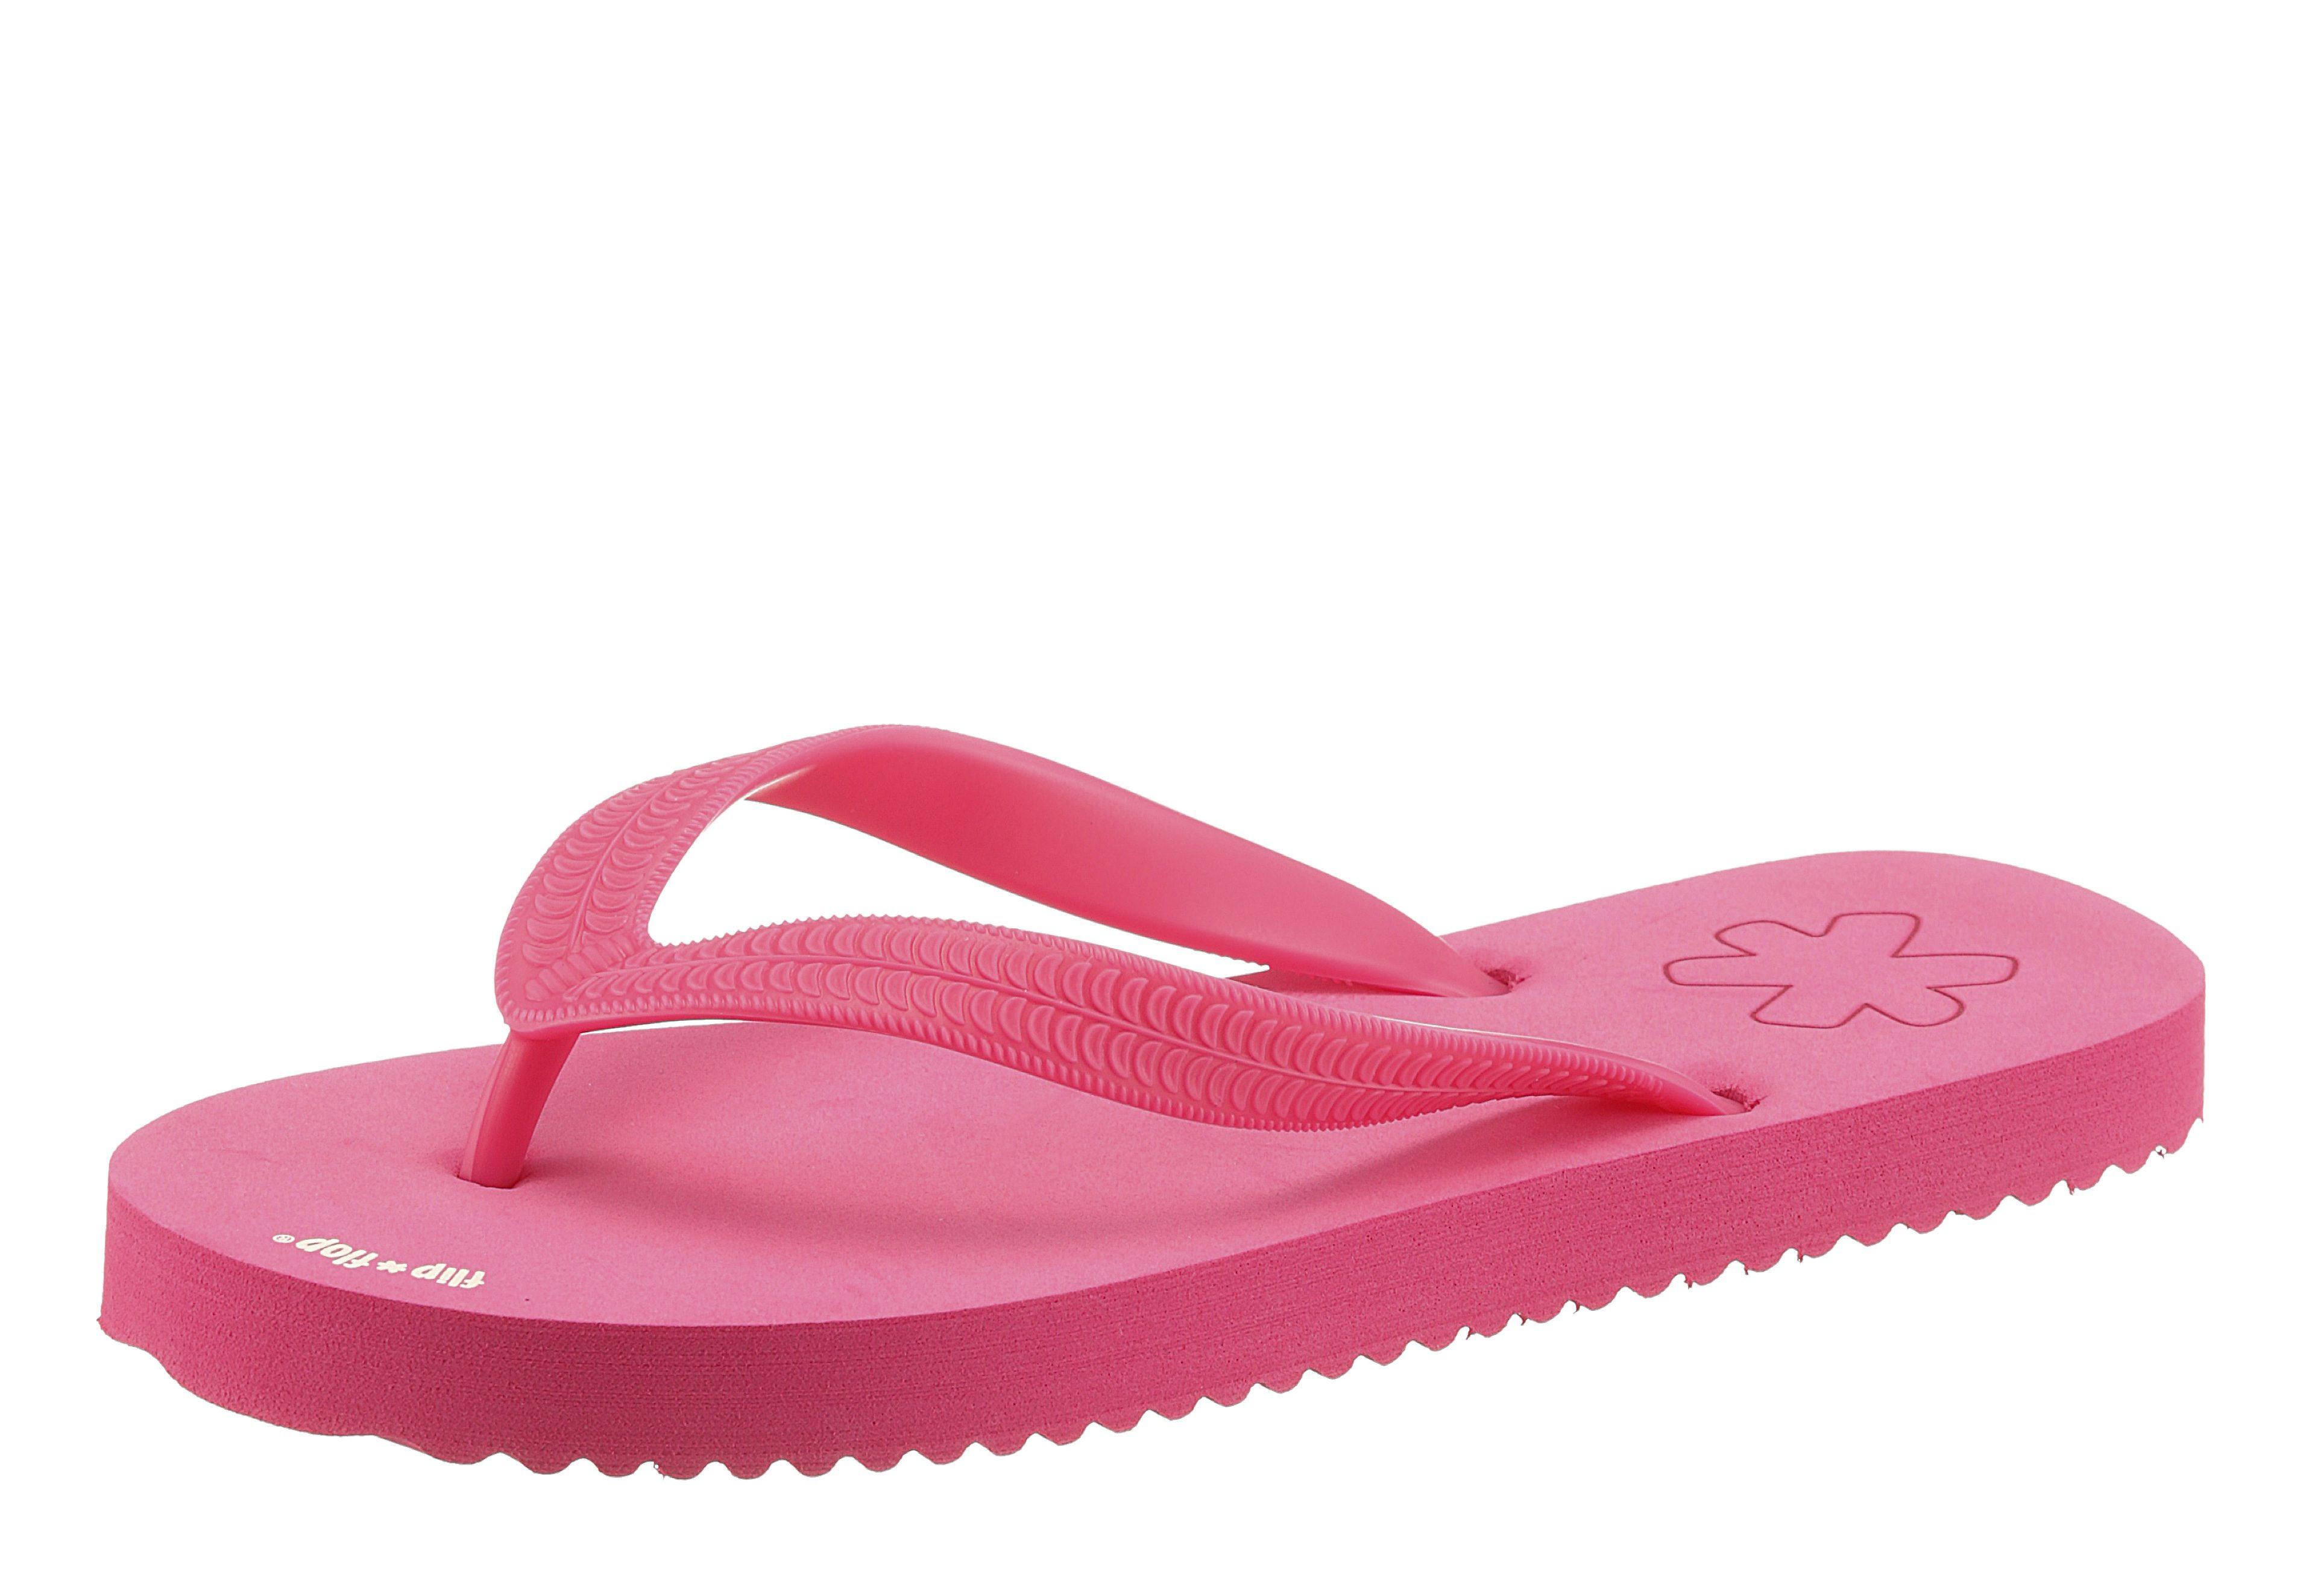 Flip Flop Zehentrenner, frei von tierischen Bestandteilen online kaufen  pink